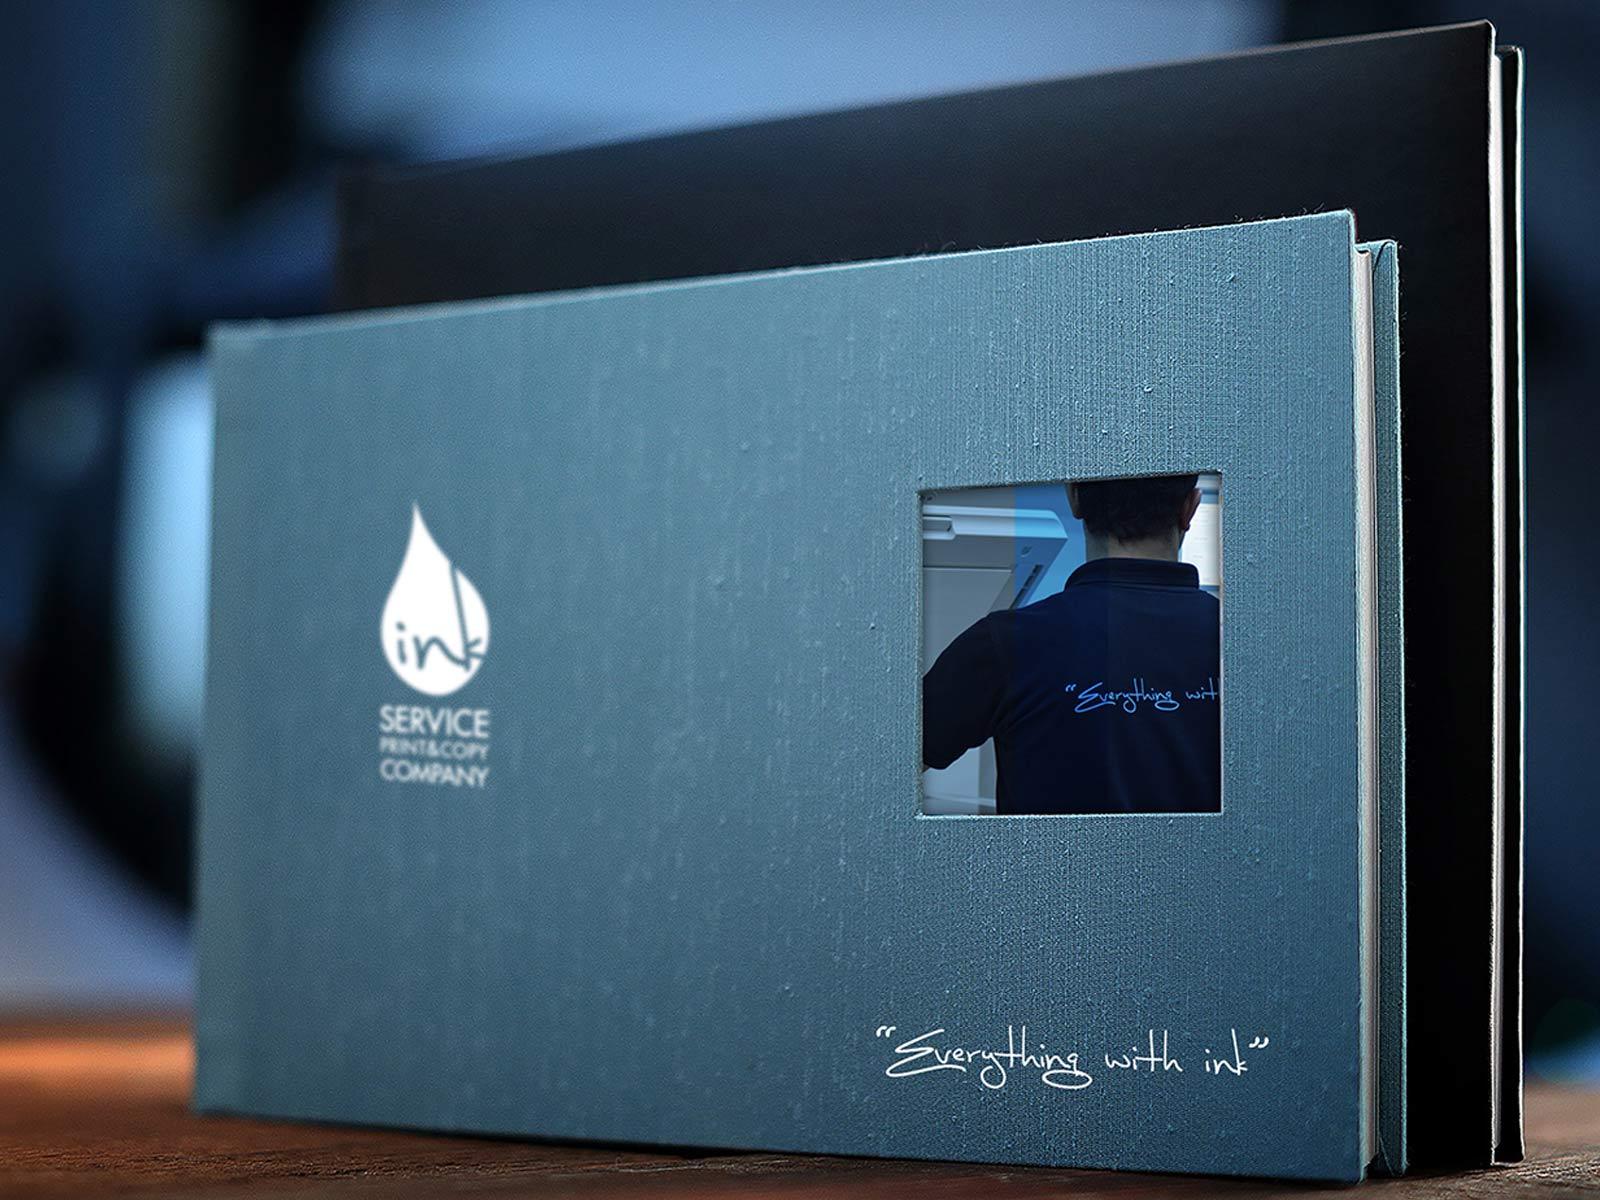 Inkservice album design Kuwait